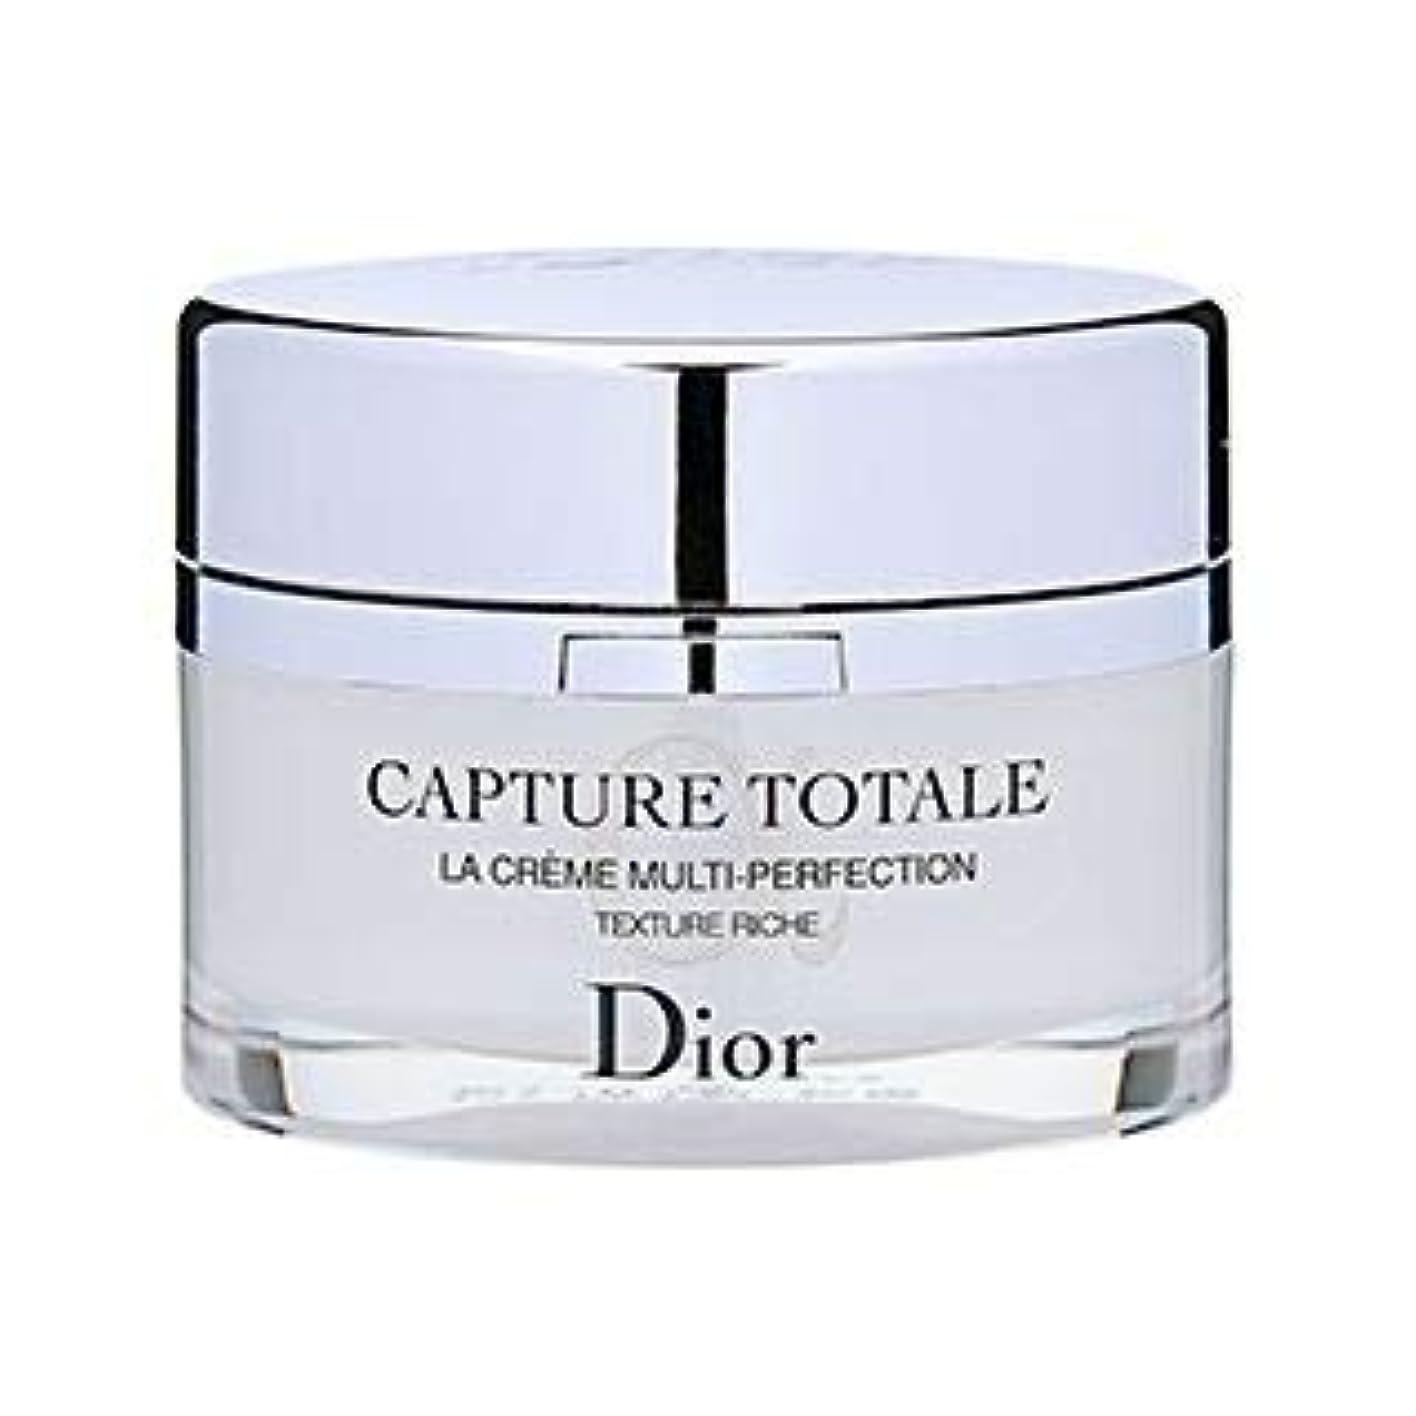 ハウジング圧縮された降臨ディオール(Dior) カプチュール トータル リッチ クリーム [並行輸入品]